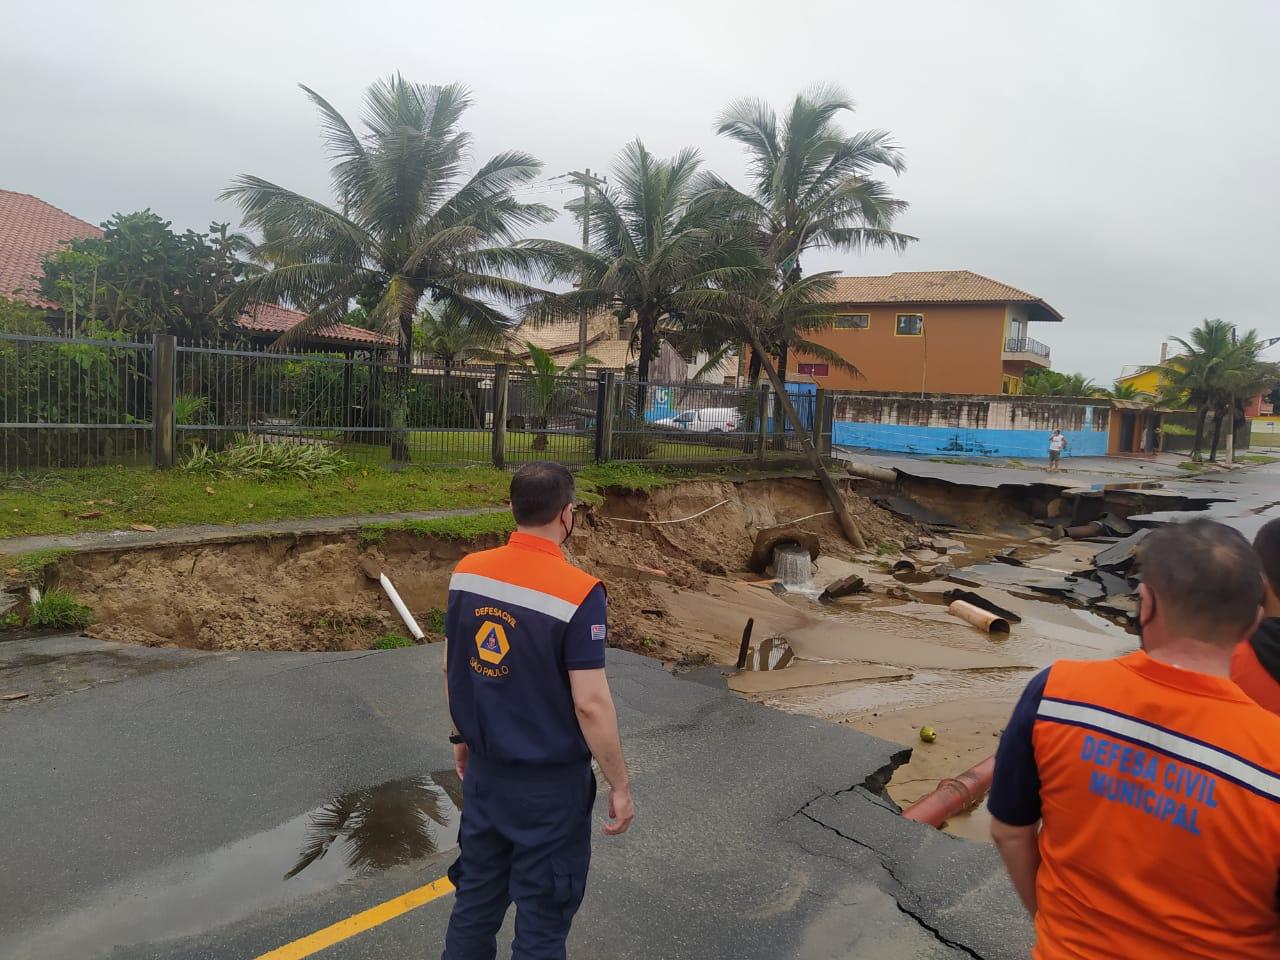 Trecho de avenida engolido pela erosão (Defesa Civil do Estado de SP)